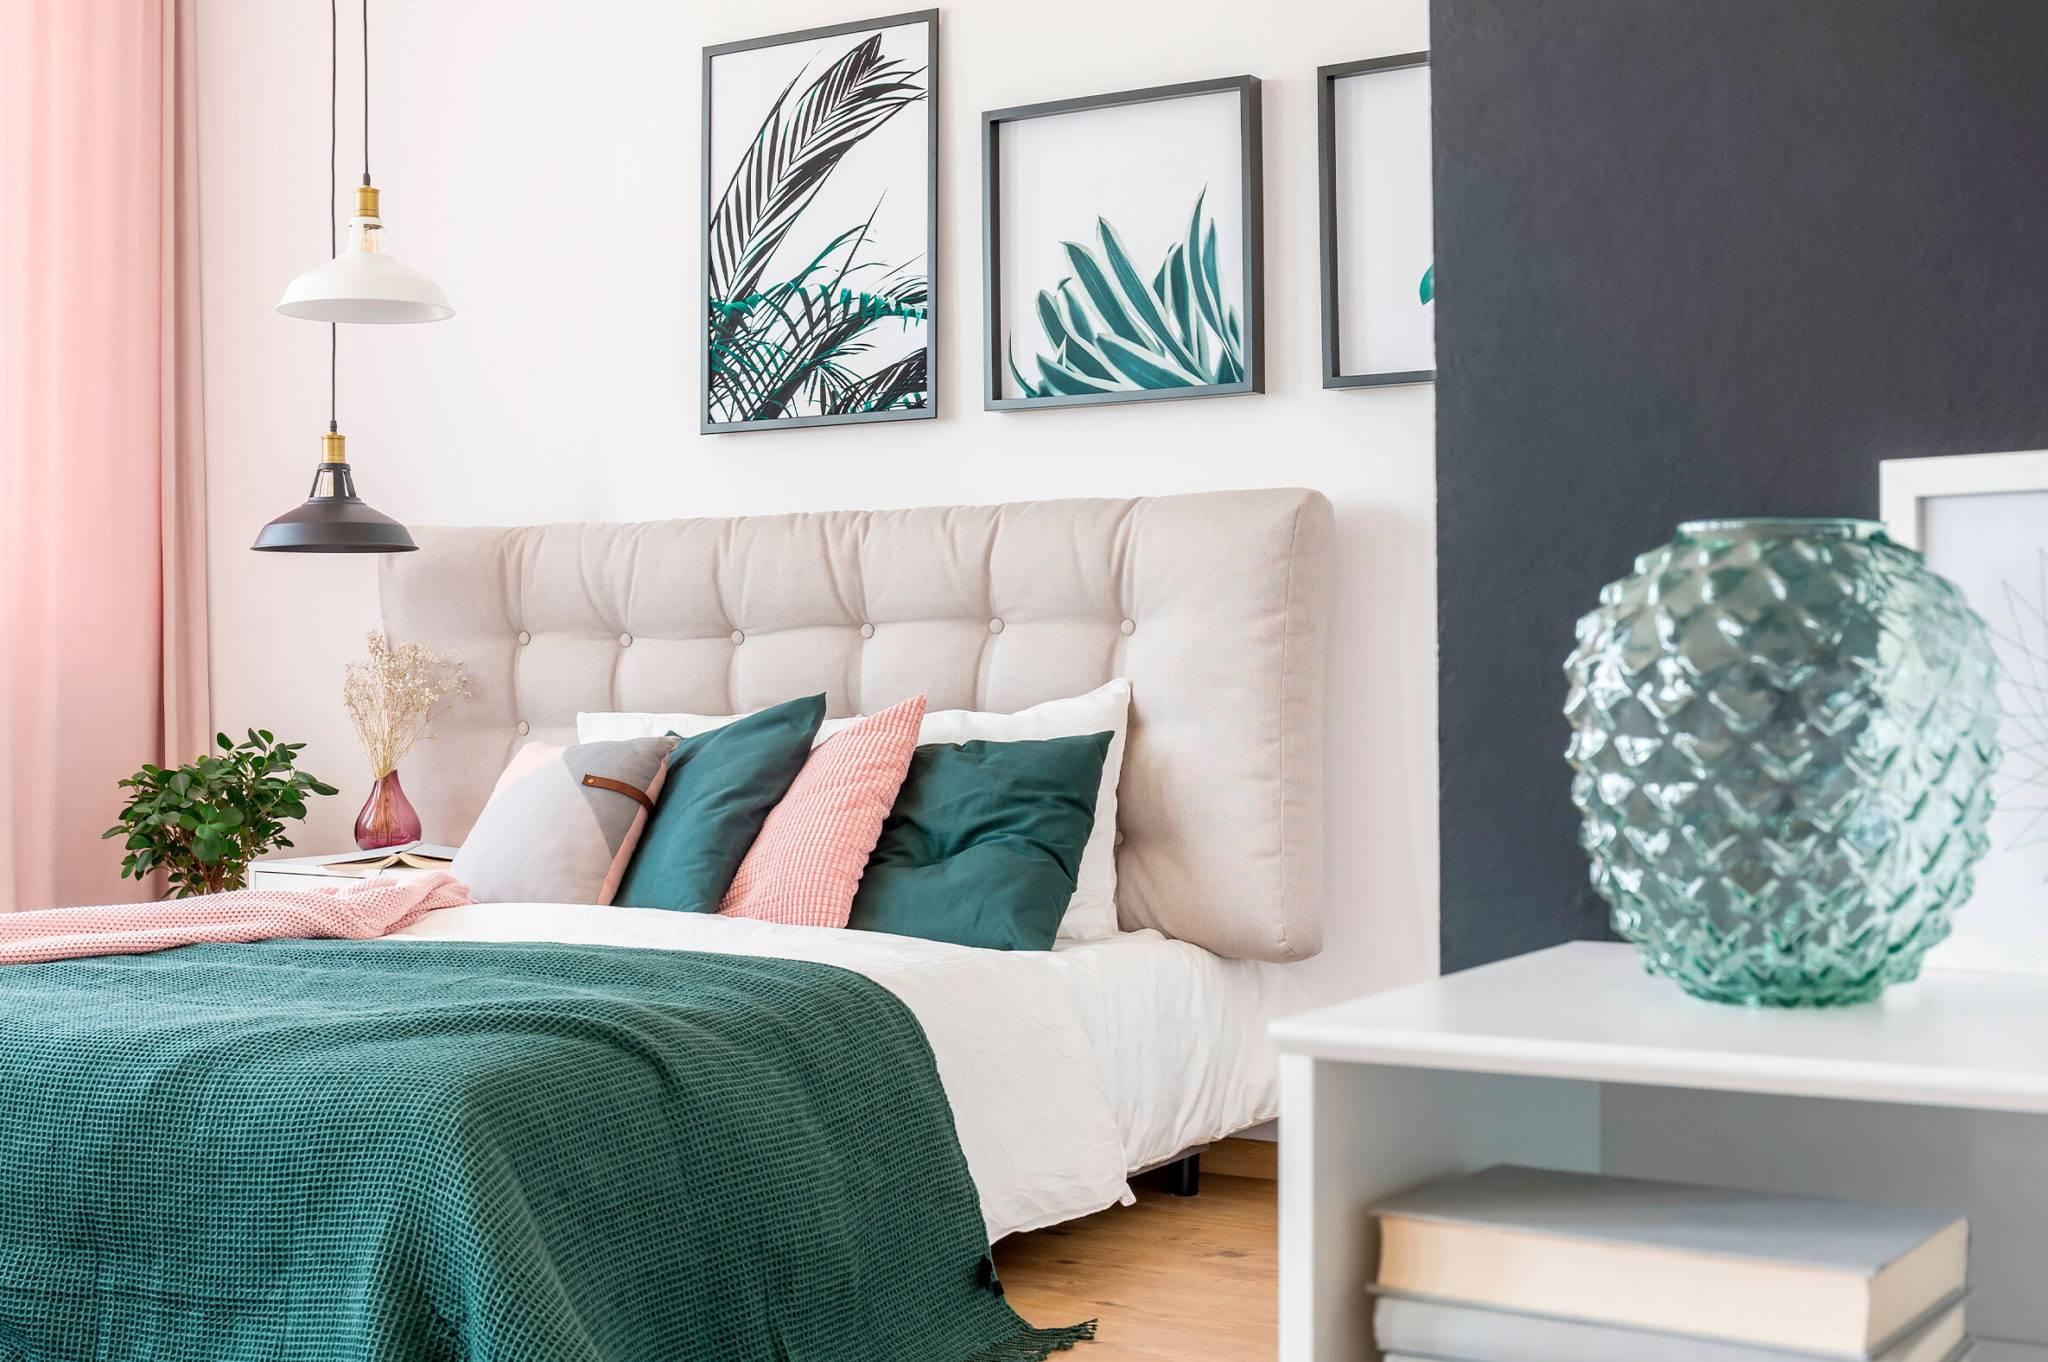 Phòng ngủ này là một ví dụ tuyệt vời về việc sử dụng các yếu tố trang trí đầy màu sắc tối thiểu để đạt được tác động lớn trong phòng của bạn. Những bức tranh nghệ thuật được đóng khung trên tường, rèm cửa tông màu đỏ và những chiếc chăn ấm áp đã gắn kết tông màu nhẹ nhàng với nhau trong phòng ngủ nữ tính này.